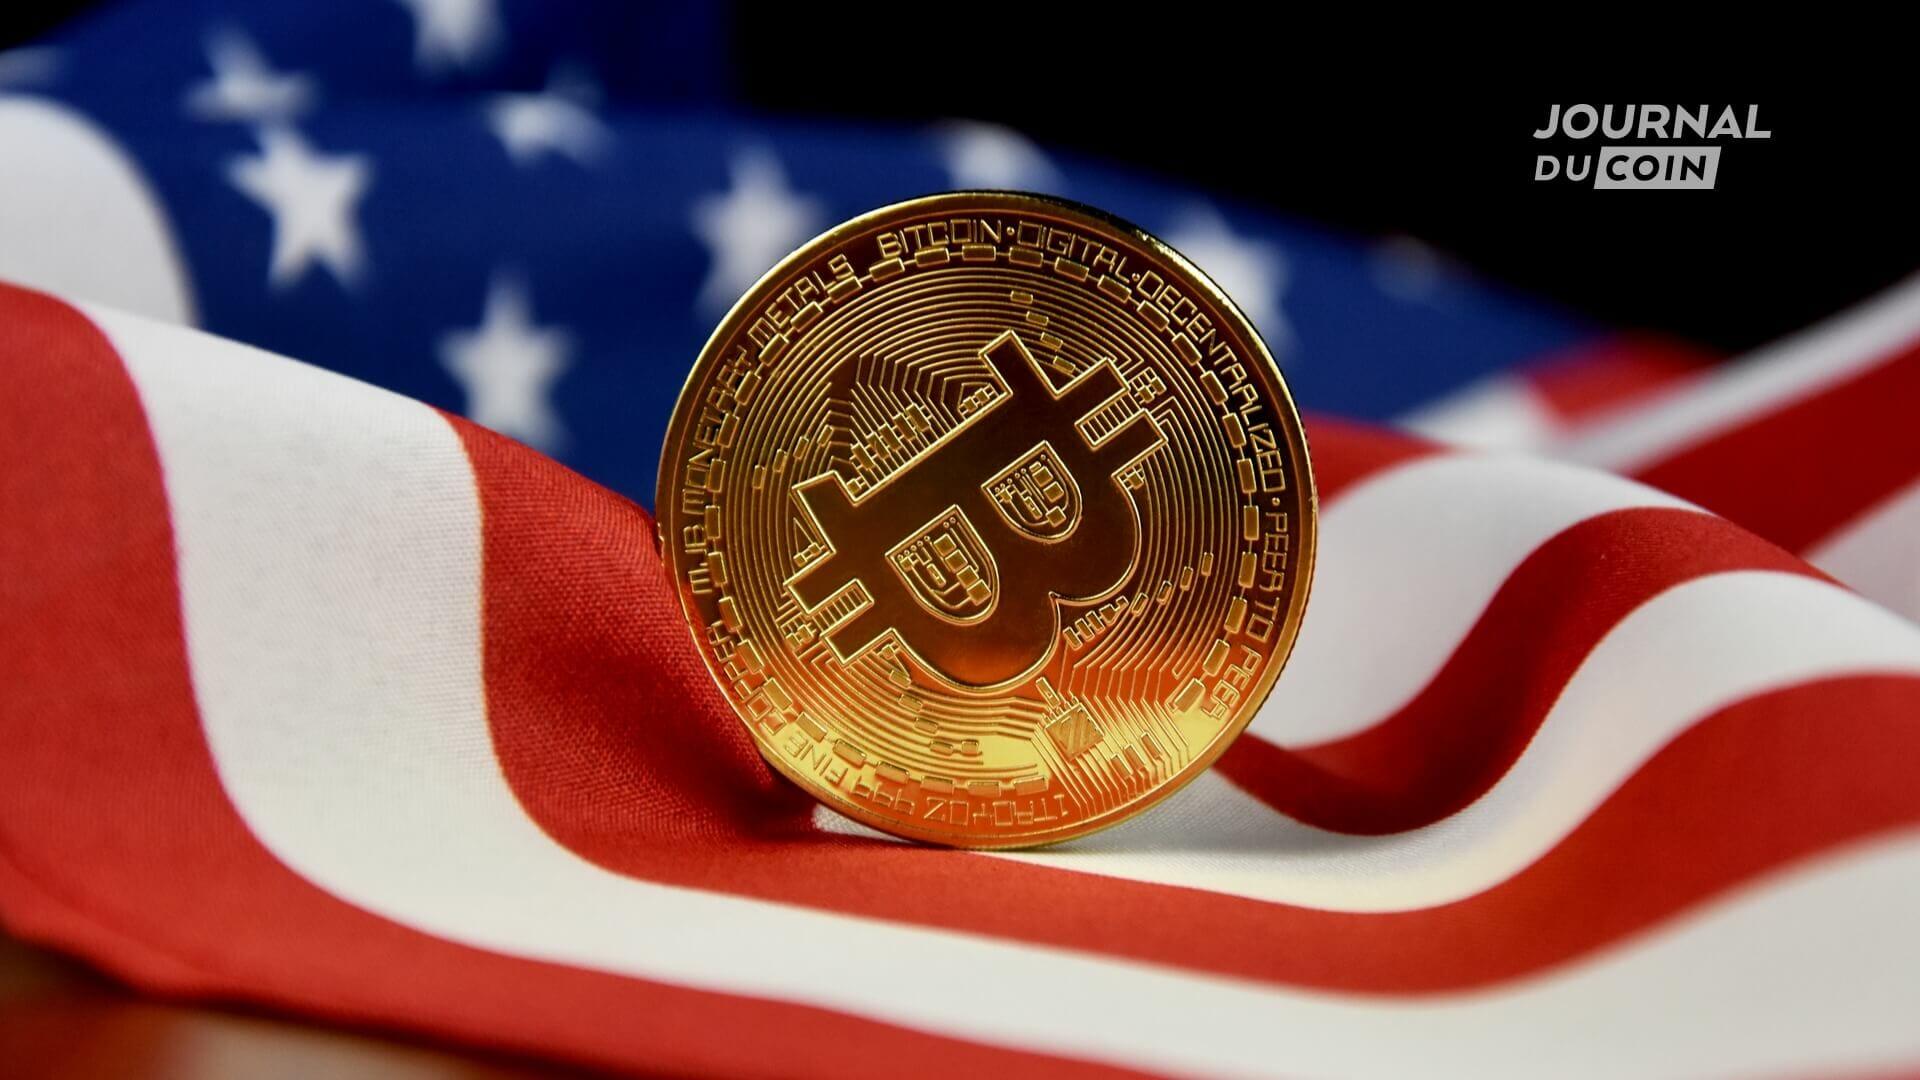 La sénatrice US anti-Bitcoin critique un projet crypto… et le confond avec un autre